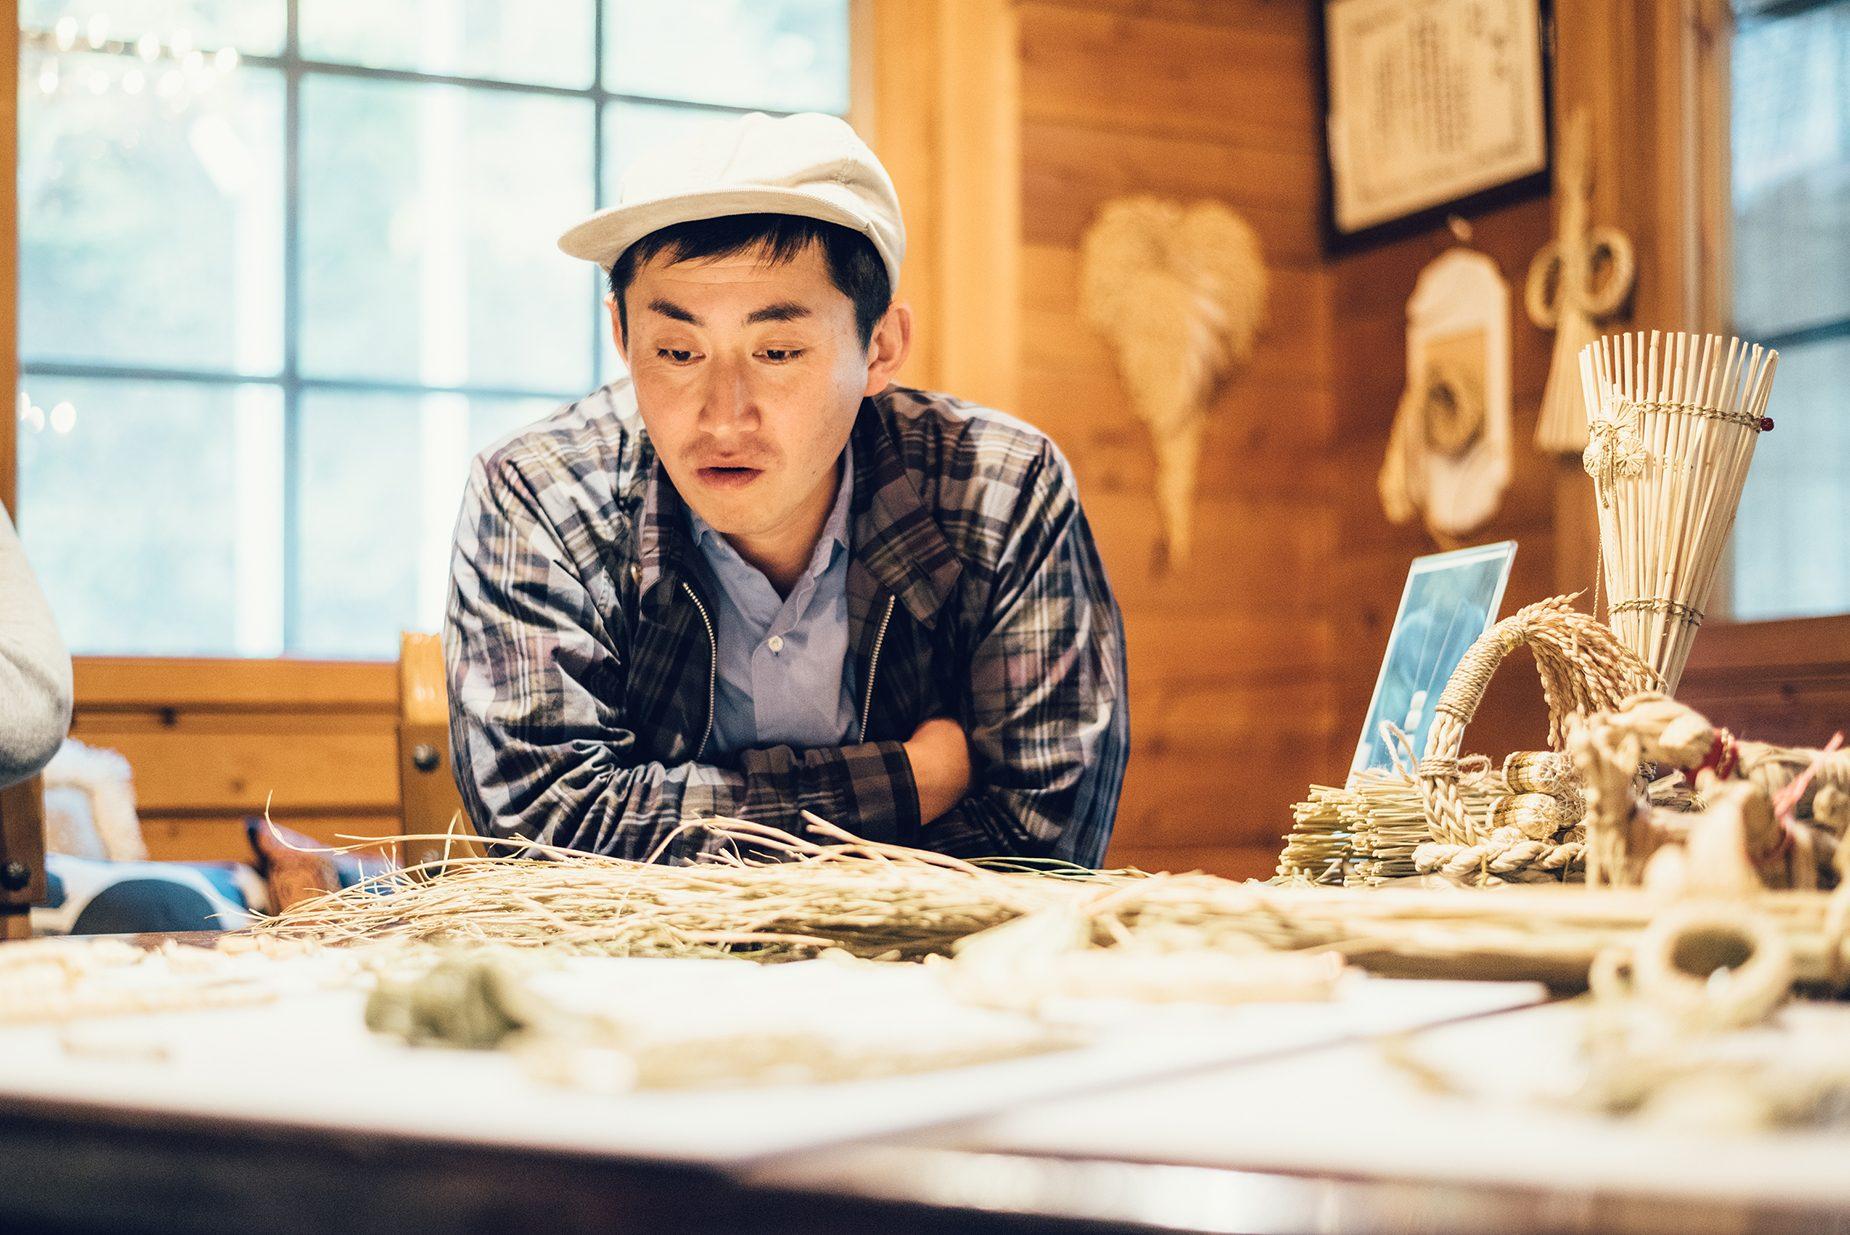 民芸や伝統工芸など、日本の様々な文化を発信・紹介するBEAMS JAPANのバイヤー鈴木修司さん。